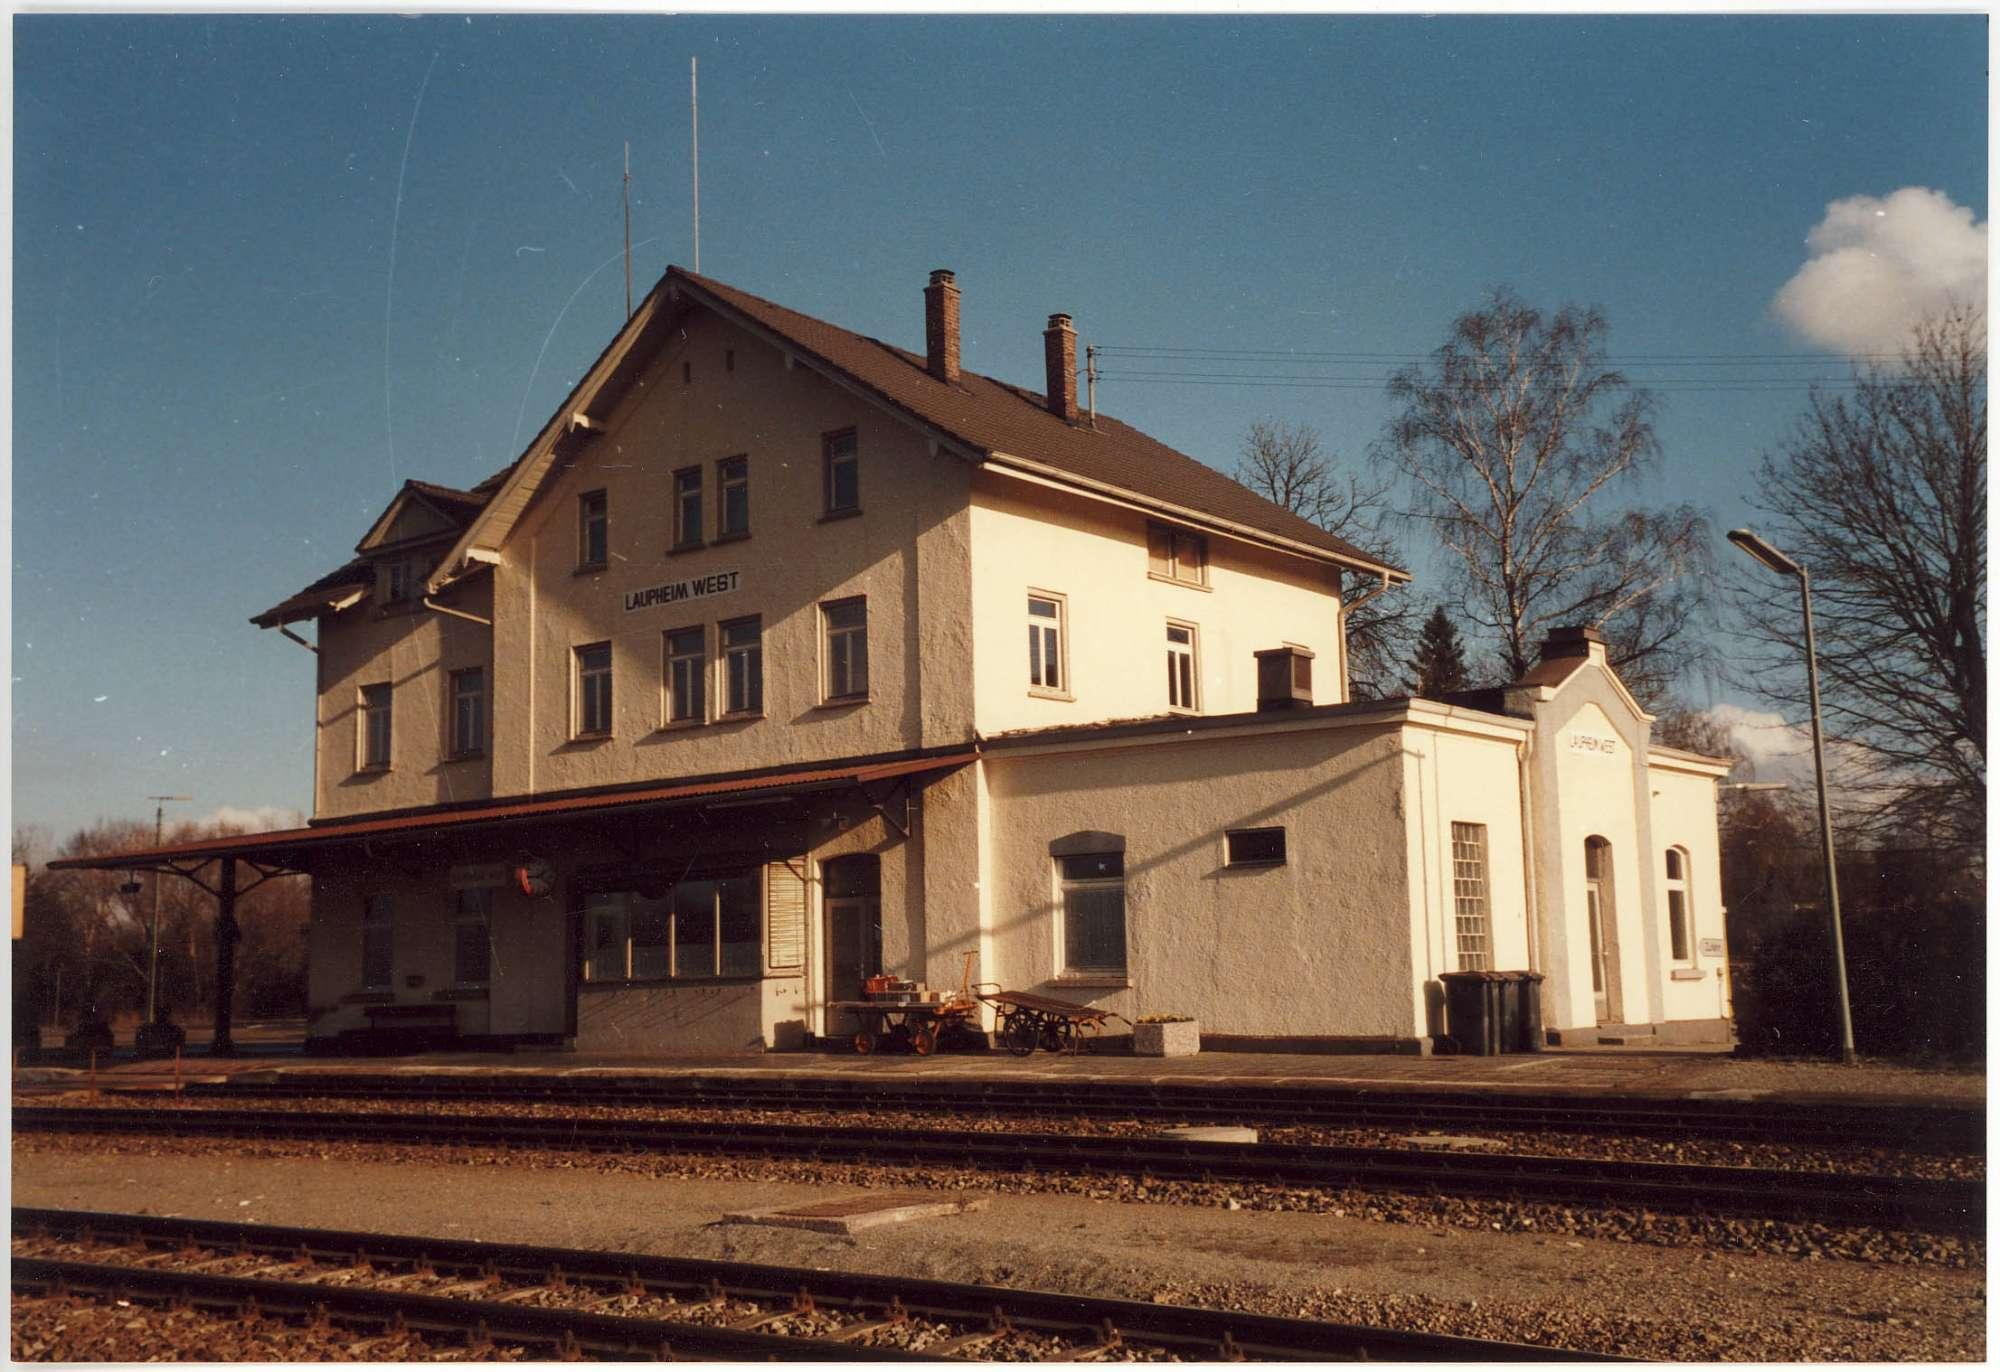 Laupheim-West: 1 Foto, Bild 1